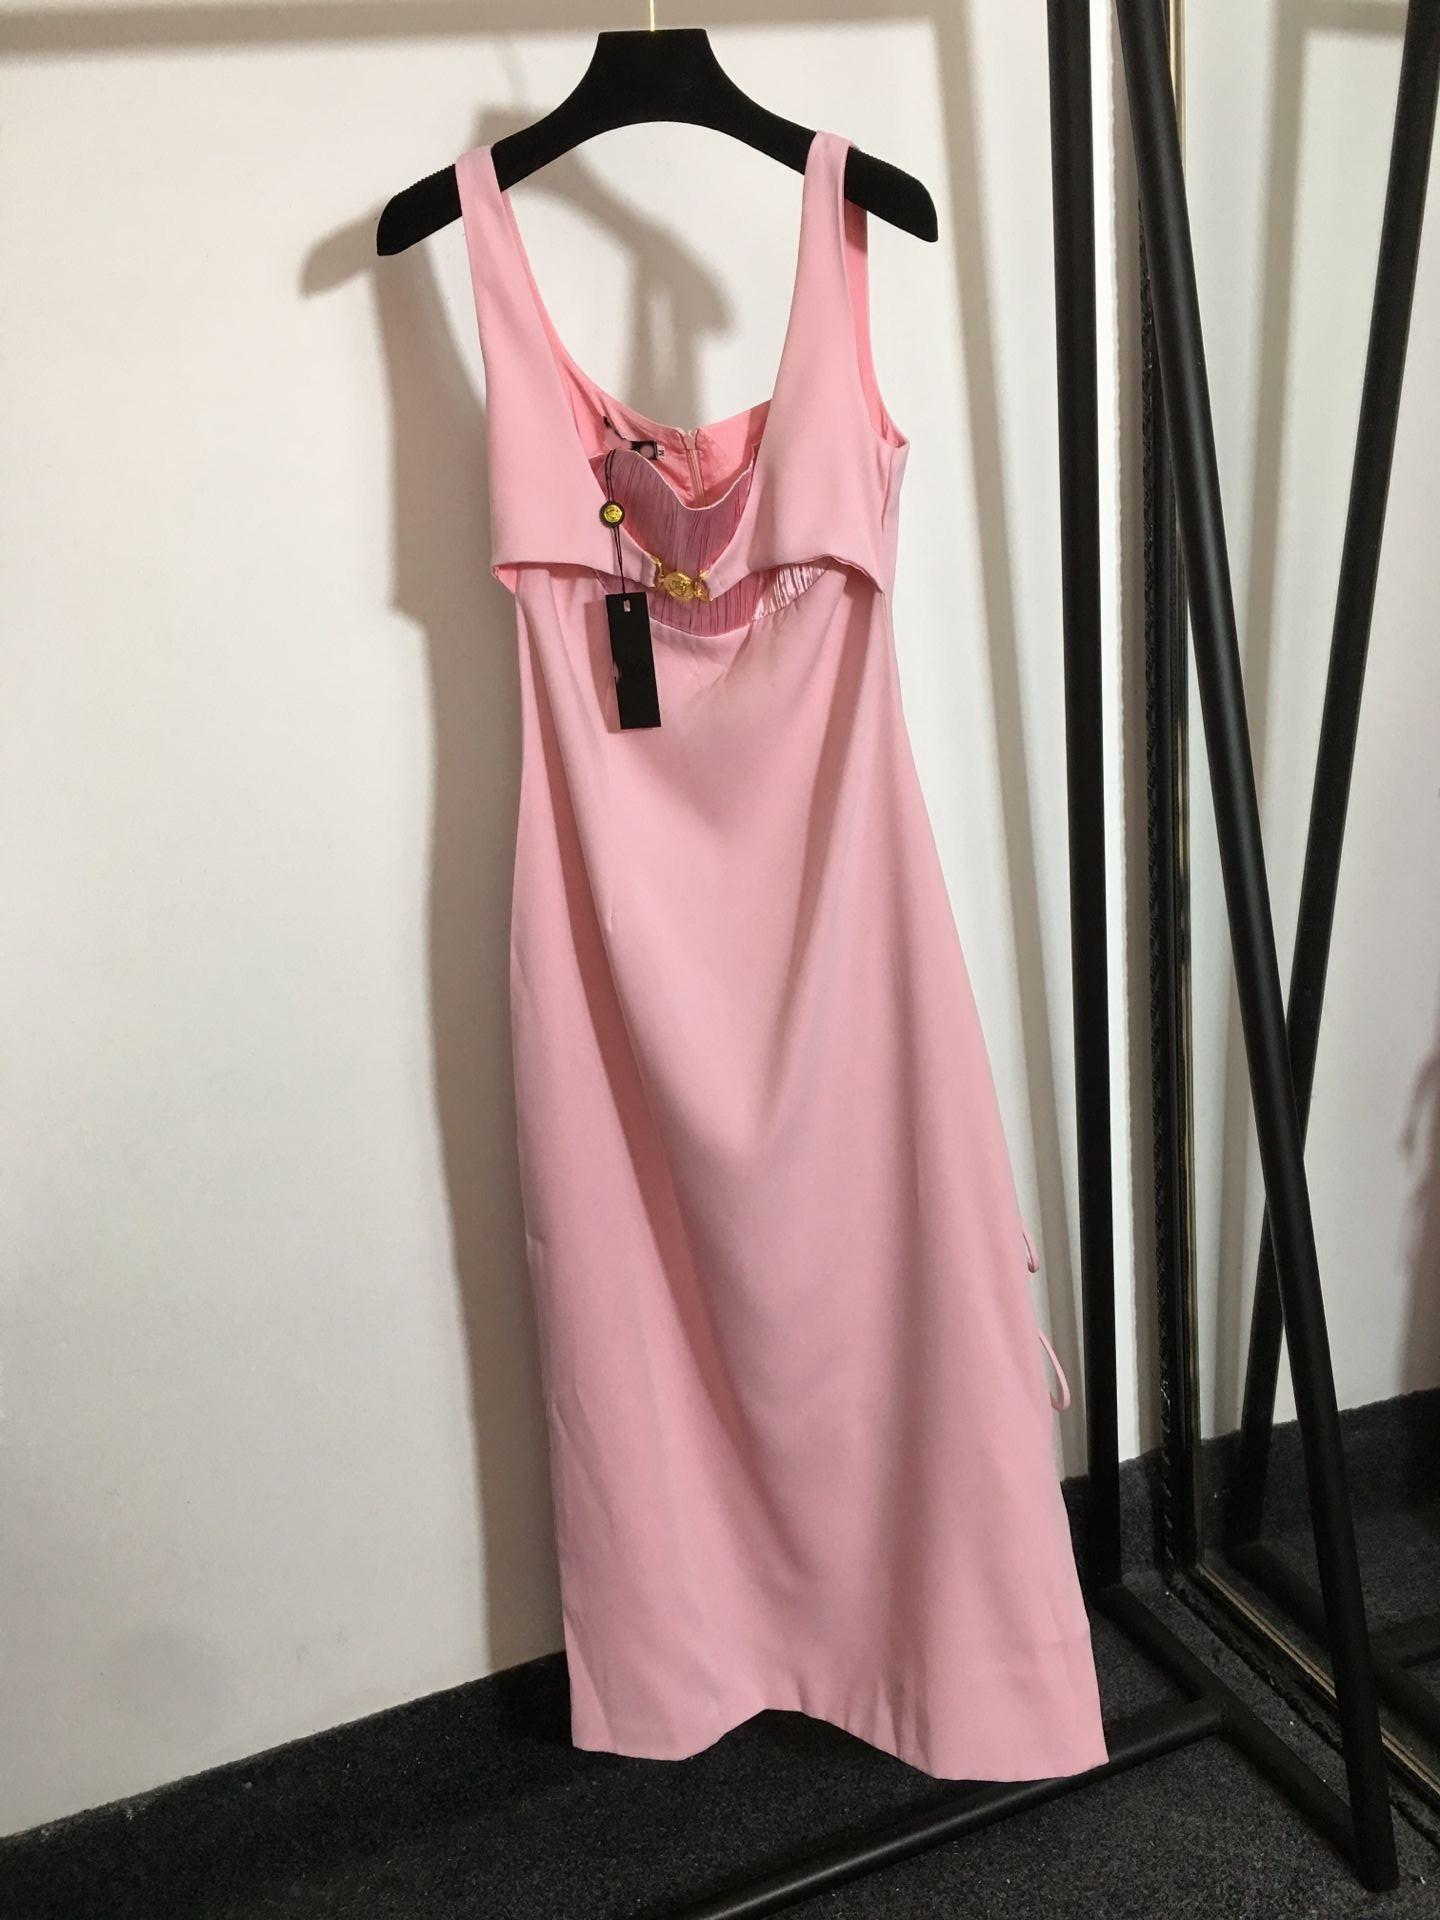 Milan pist elbiseler 2021 sonbahar yaz spagetti kayışı kadın tasarımcı elbise markası aynı stil giyim 0715-2